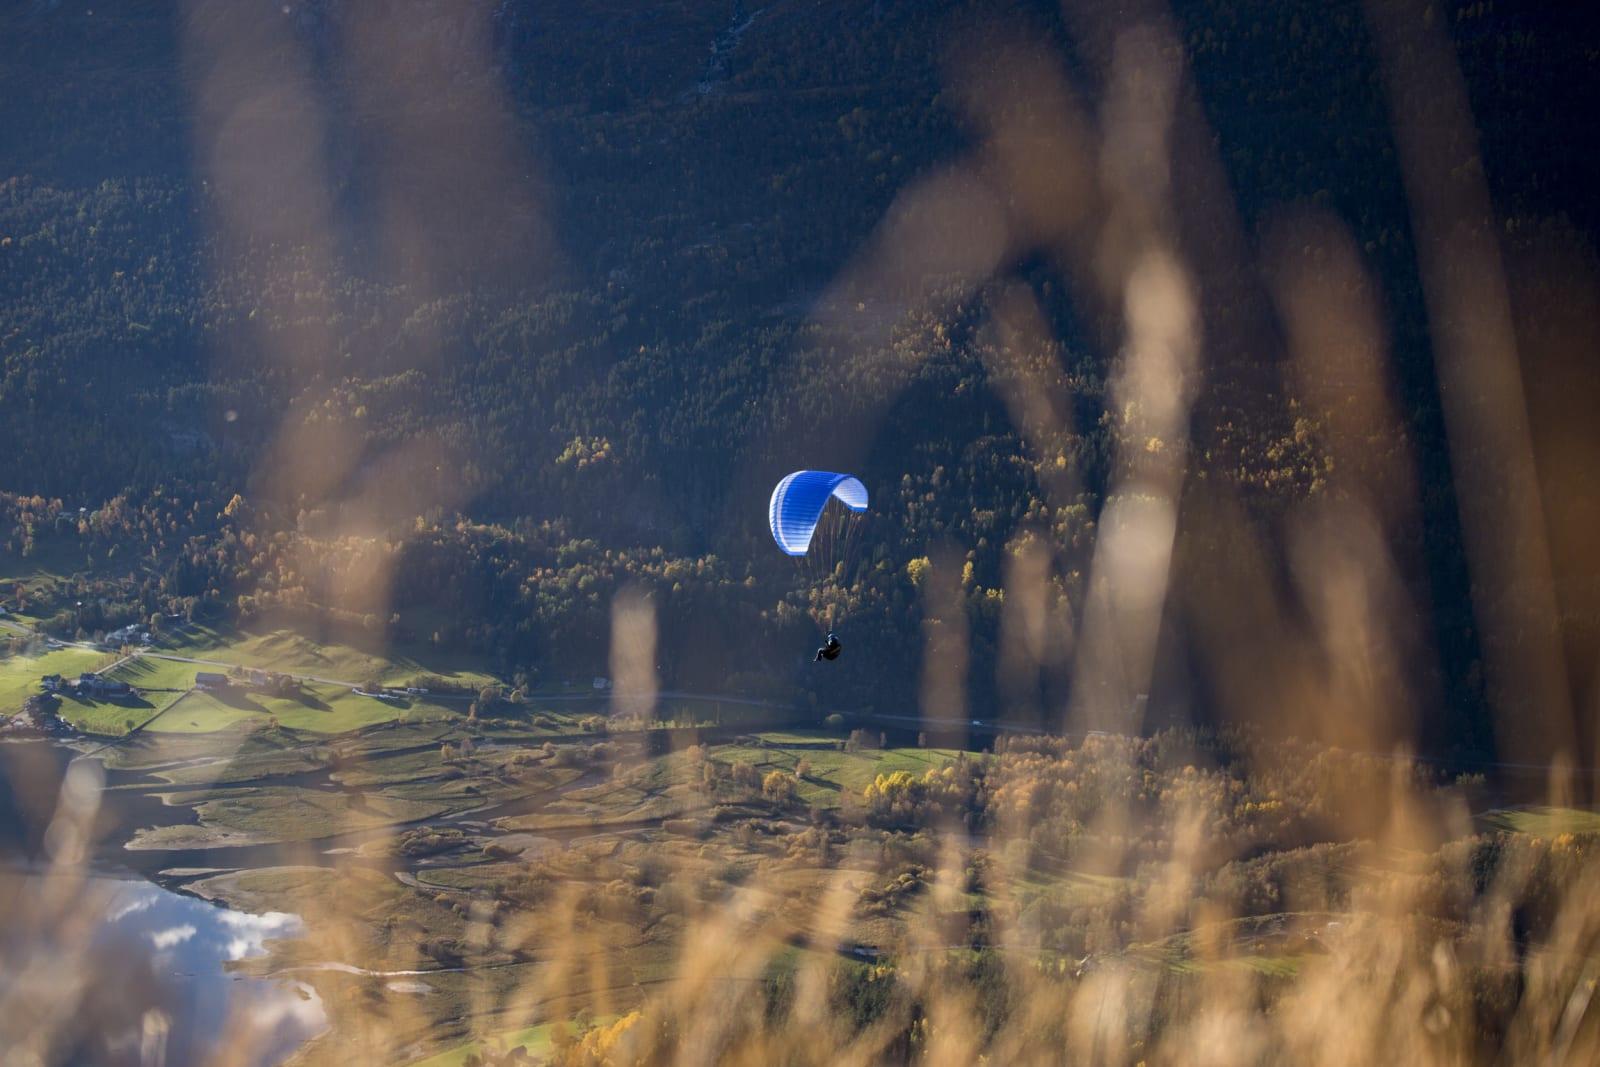 Når vindforholdene slår til finner Mariann gjerne frem paraglideren. Det har skjedd at Mariann har paraglidet til jobb og landet like utenfor skolen.